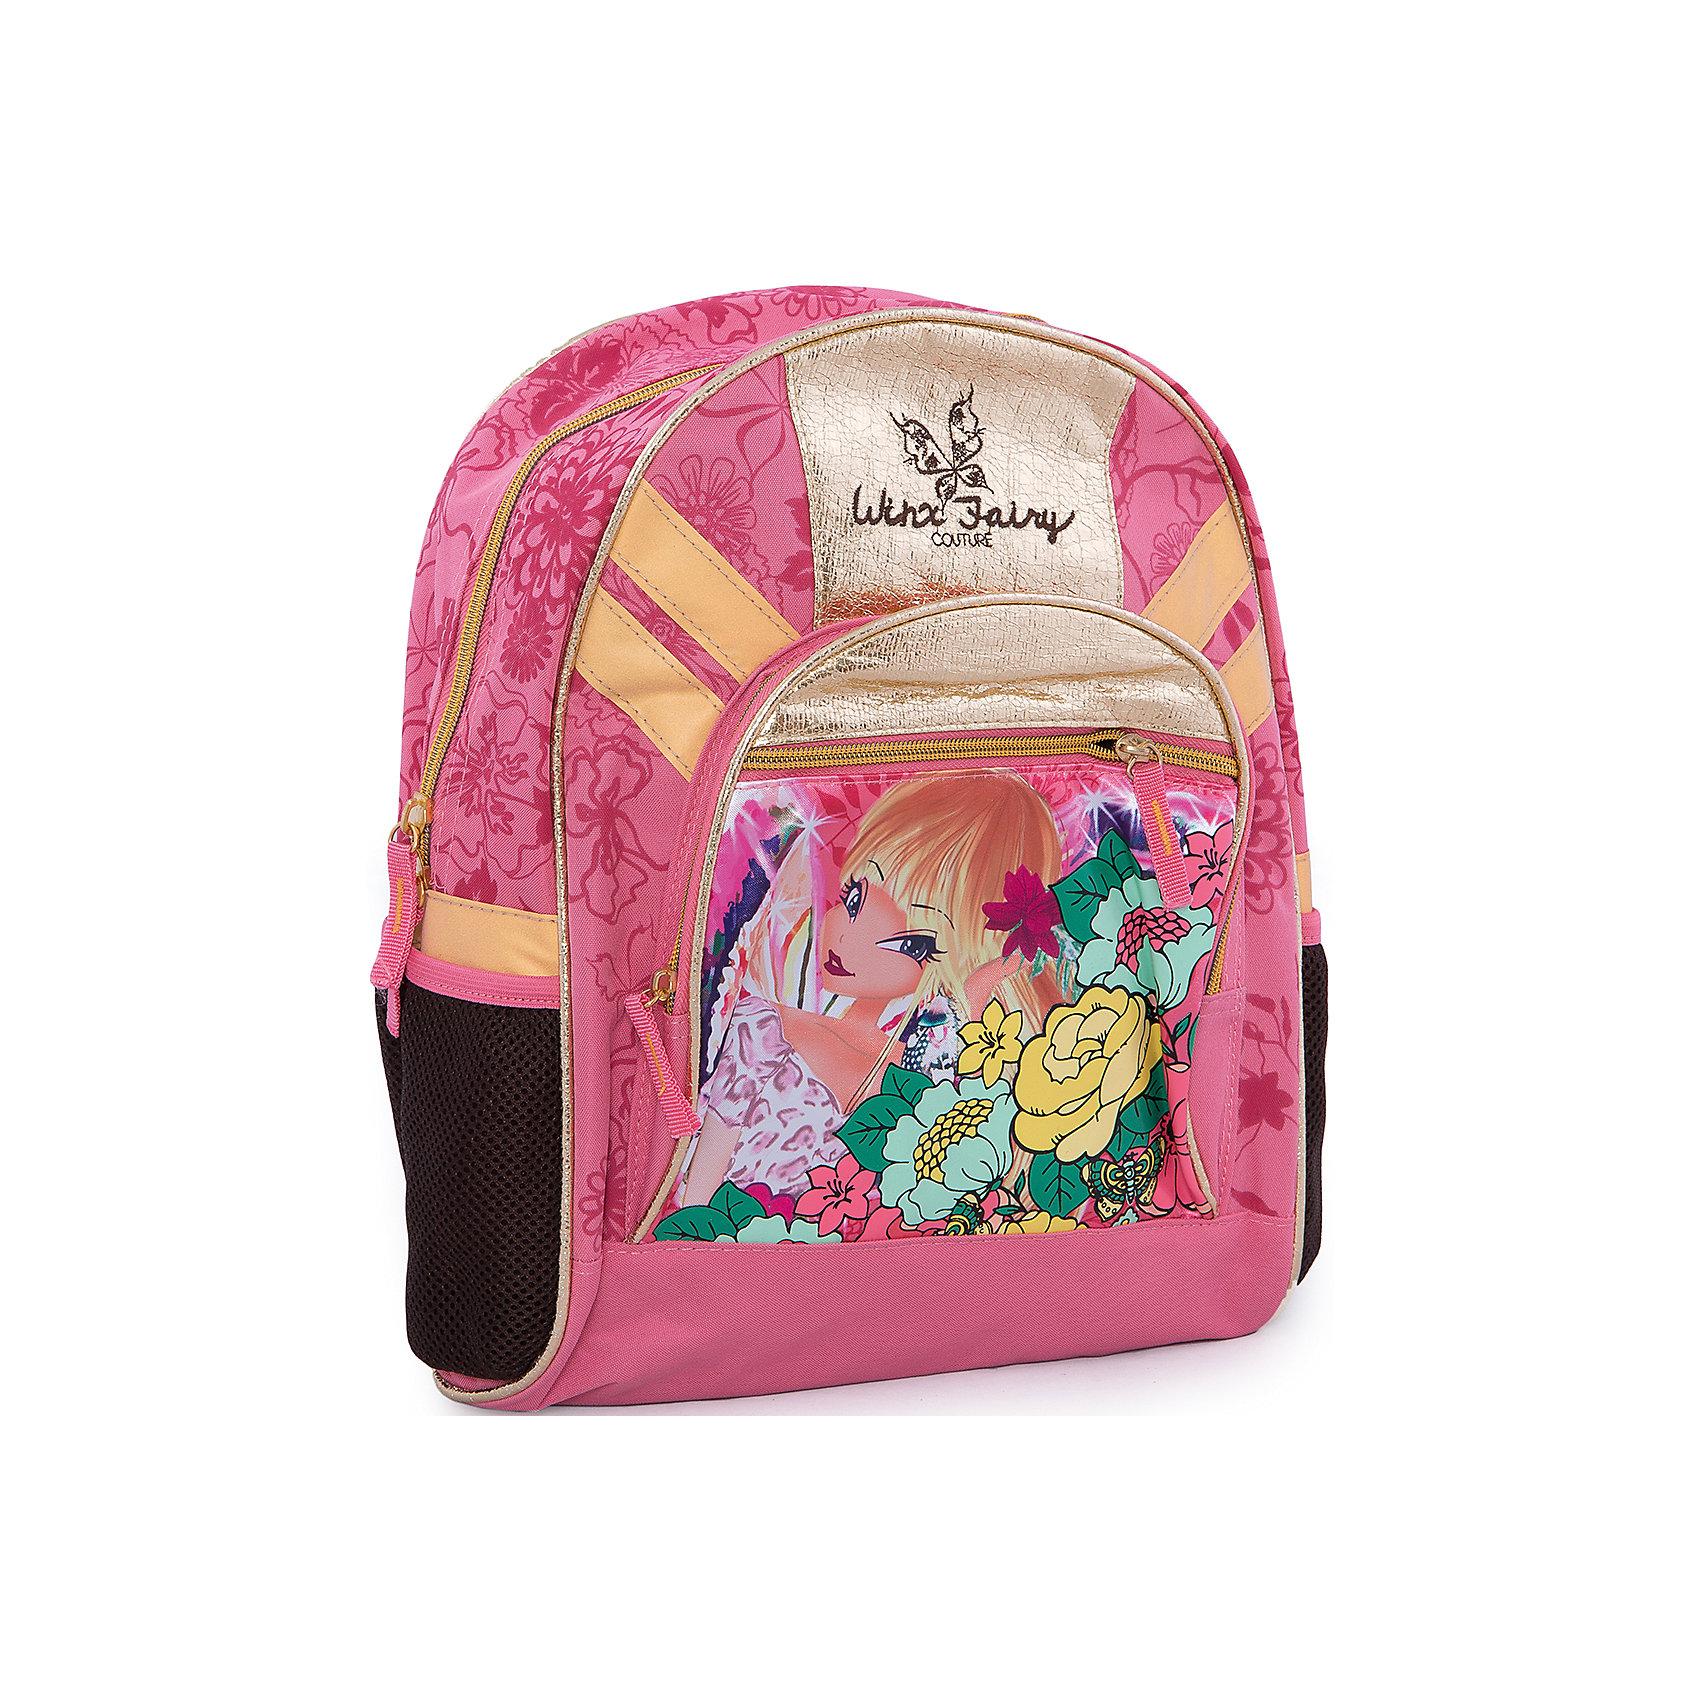 Школьный рюкзак, Winx ClubРюкзак, мягкая спинка, Winx Club (Клуб Винкс) — стильная вещь для маленьких поклонниц Winx. Мягкая спинка с вентиляционной спинкой обеспечивает комфорт при использовании. Лямки регулируются. Сверху рюкзака имеется дополнительная удобная ручка. Рюкзак ярко-розового цвета украшен картинкой в стиле WinxClub.<br><br>Яркий аксессуар станет прекрасным подарком юным поклонницам WinxClub!<br><br>Дополнительная информация:<br><br>- Материал: текстиль<br>- Размер: 36 х 29 х 14 см<br><br>Рюкзак, мягкая спинка, Winx Club (Клуб Винкс) можно купить в нашем интернет-магазине.<br><br>Ширина мм: 350<br>Глубина мм: 350<br>Высота мм: 200<br>Вес г: 800<br>Возраст от месяцев: 96<br>Возраст до месяцев: 108<br>Пол: Женский<br>Возраст: Детский<br>SKU: 3563083